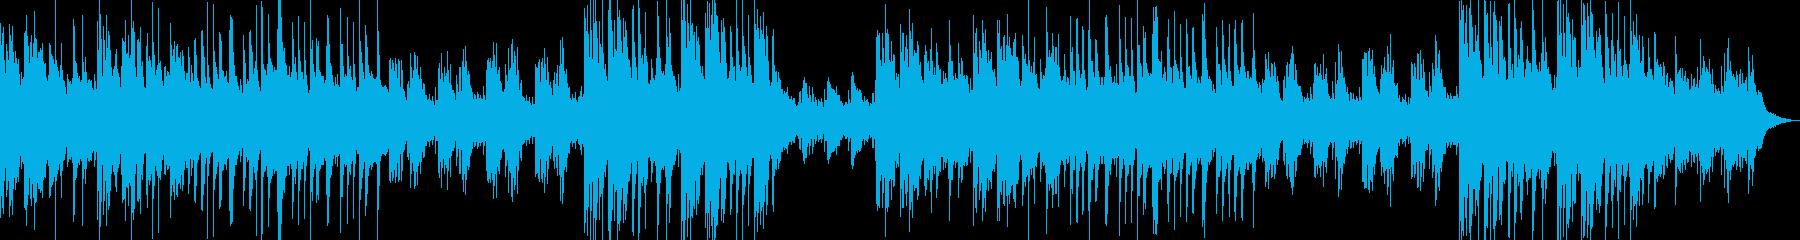 琴、ピアノで優しく静かな和風BGMの再生済みの波形